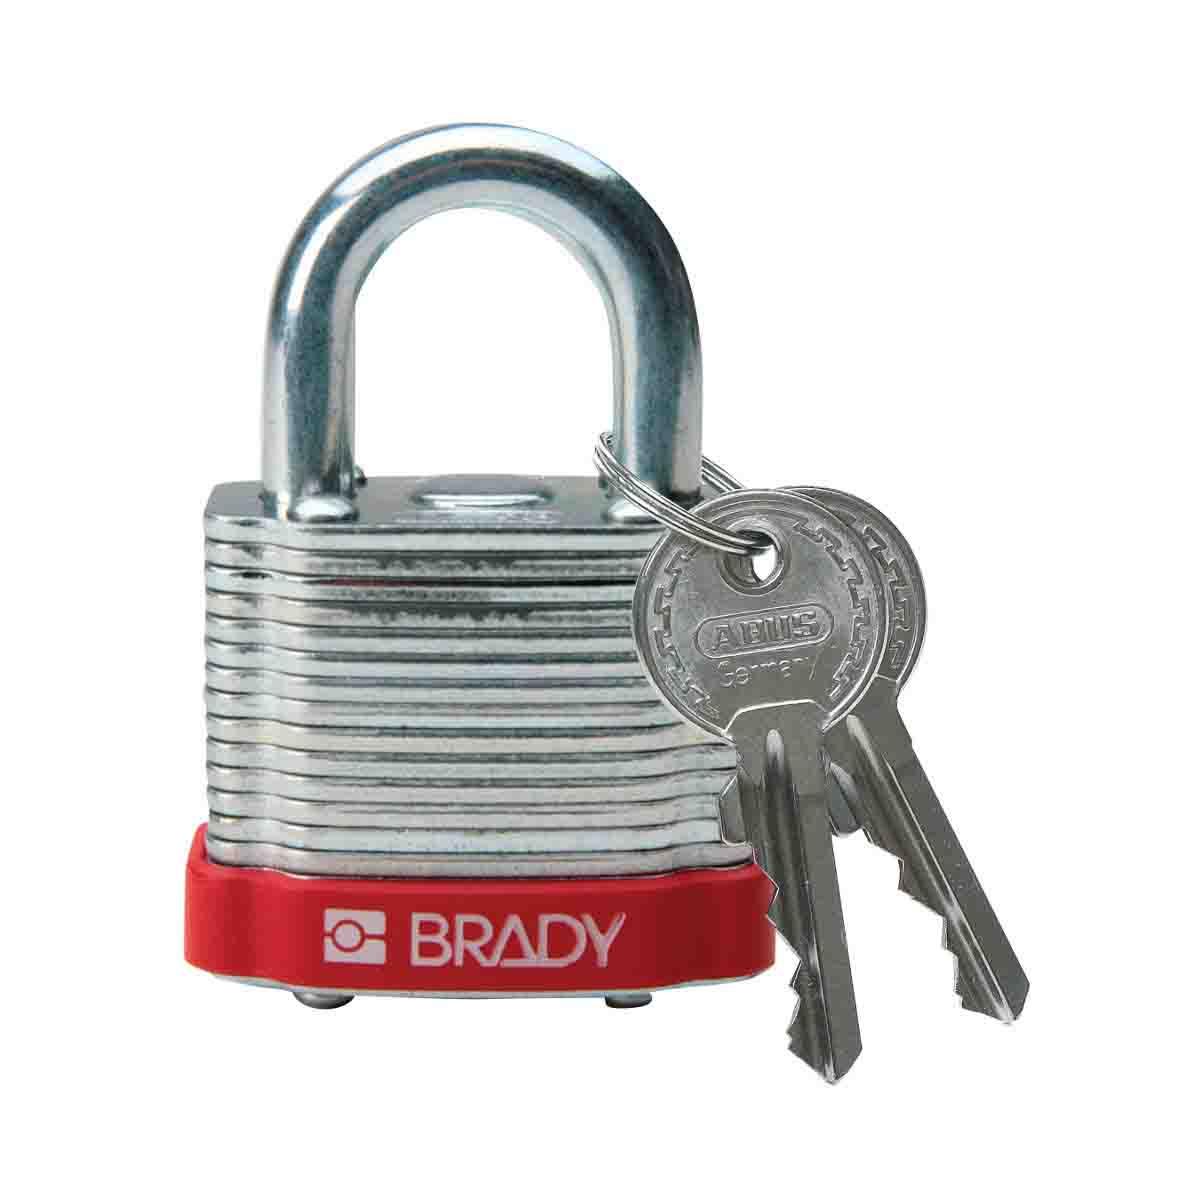 """Brady 99500 Steel Lockout Padlock, 3/4"""" Shackle, Red"""